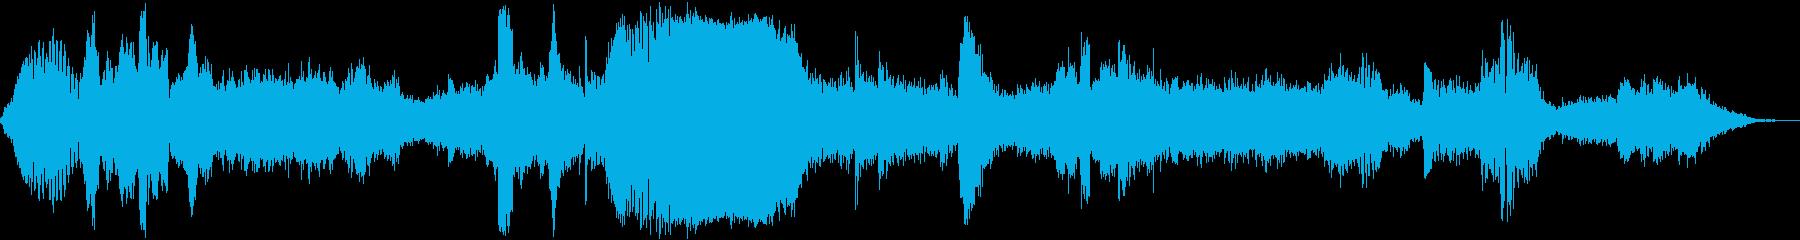 カオティックフィードバックドローン...の再生済みの波形